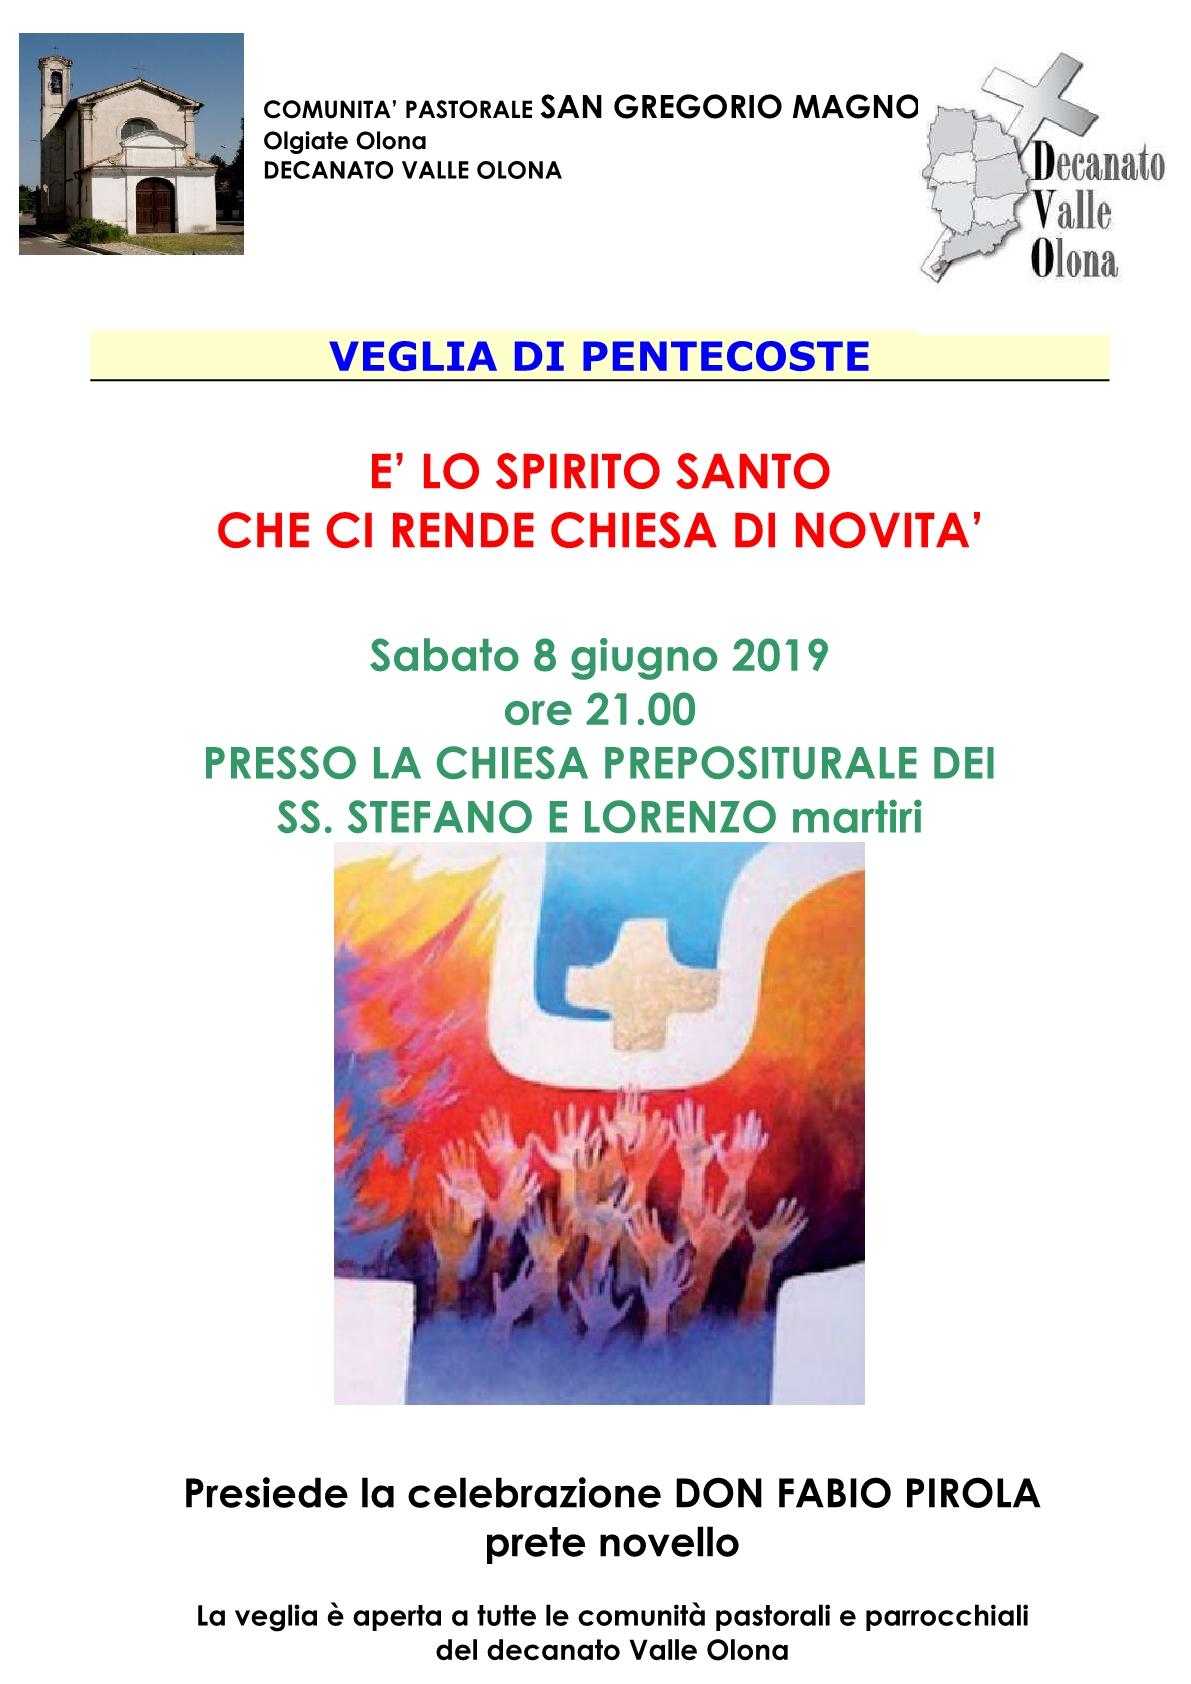 VEGLIA DI PENTECOSTE 20191